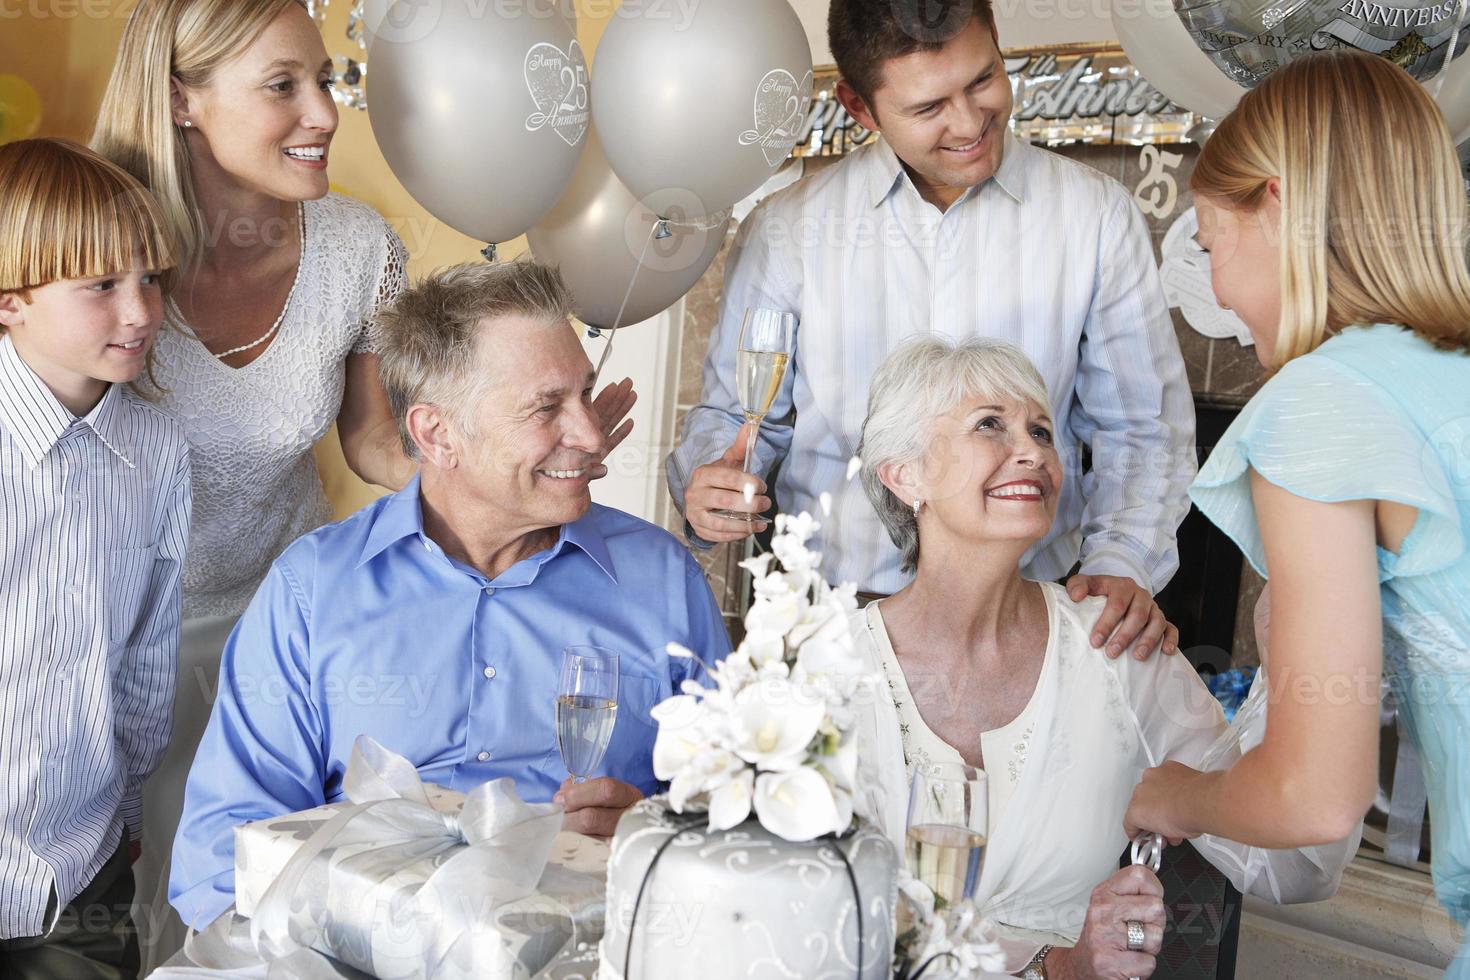 familjen håller fest foto